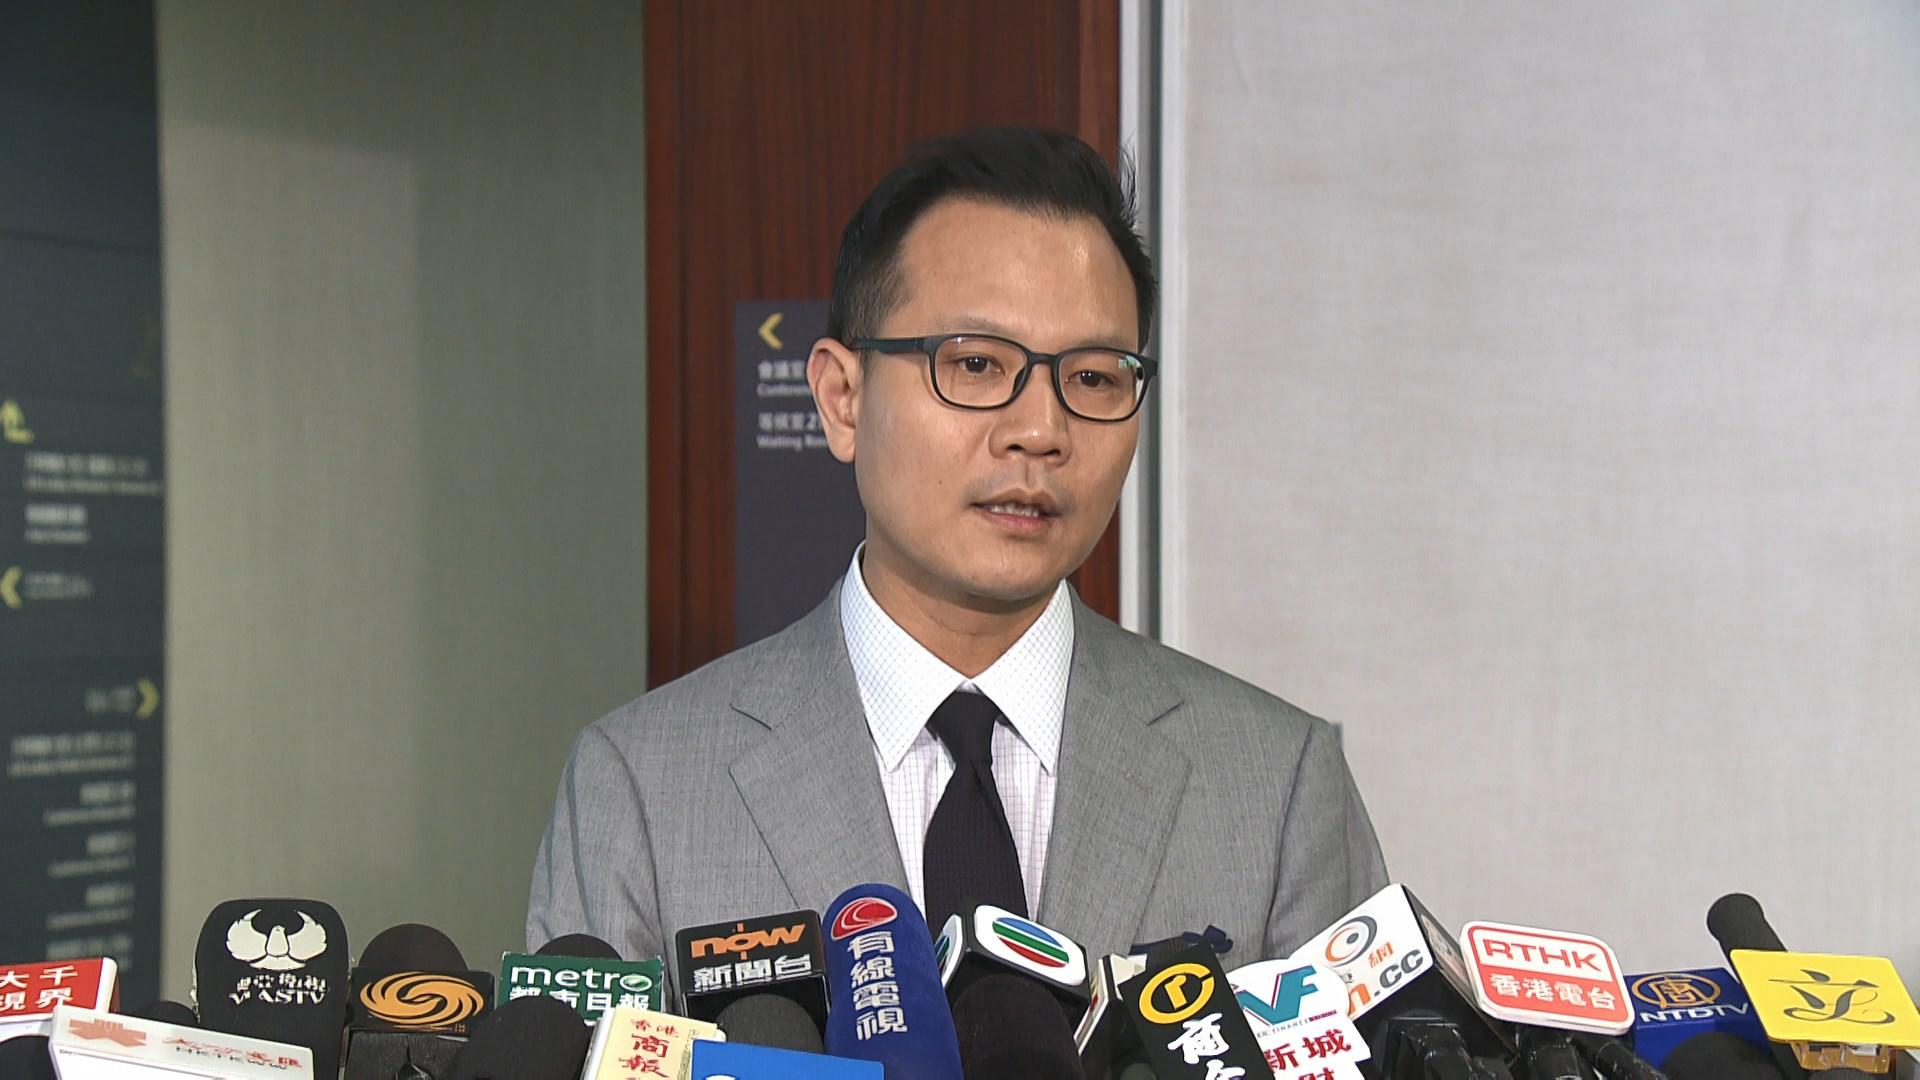 郭榮鏗:立會通過議案前提司法覆核罕見